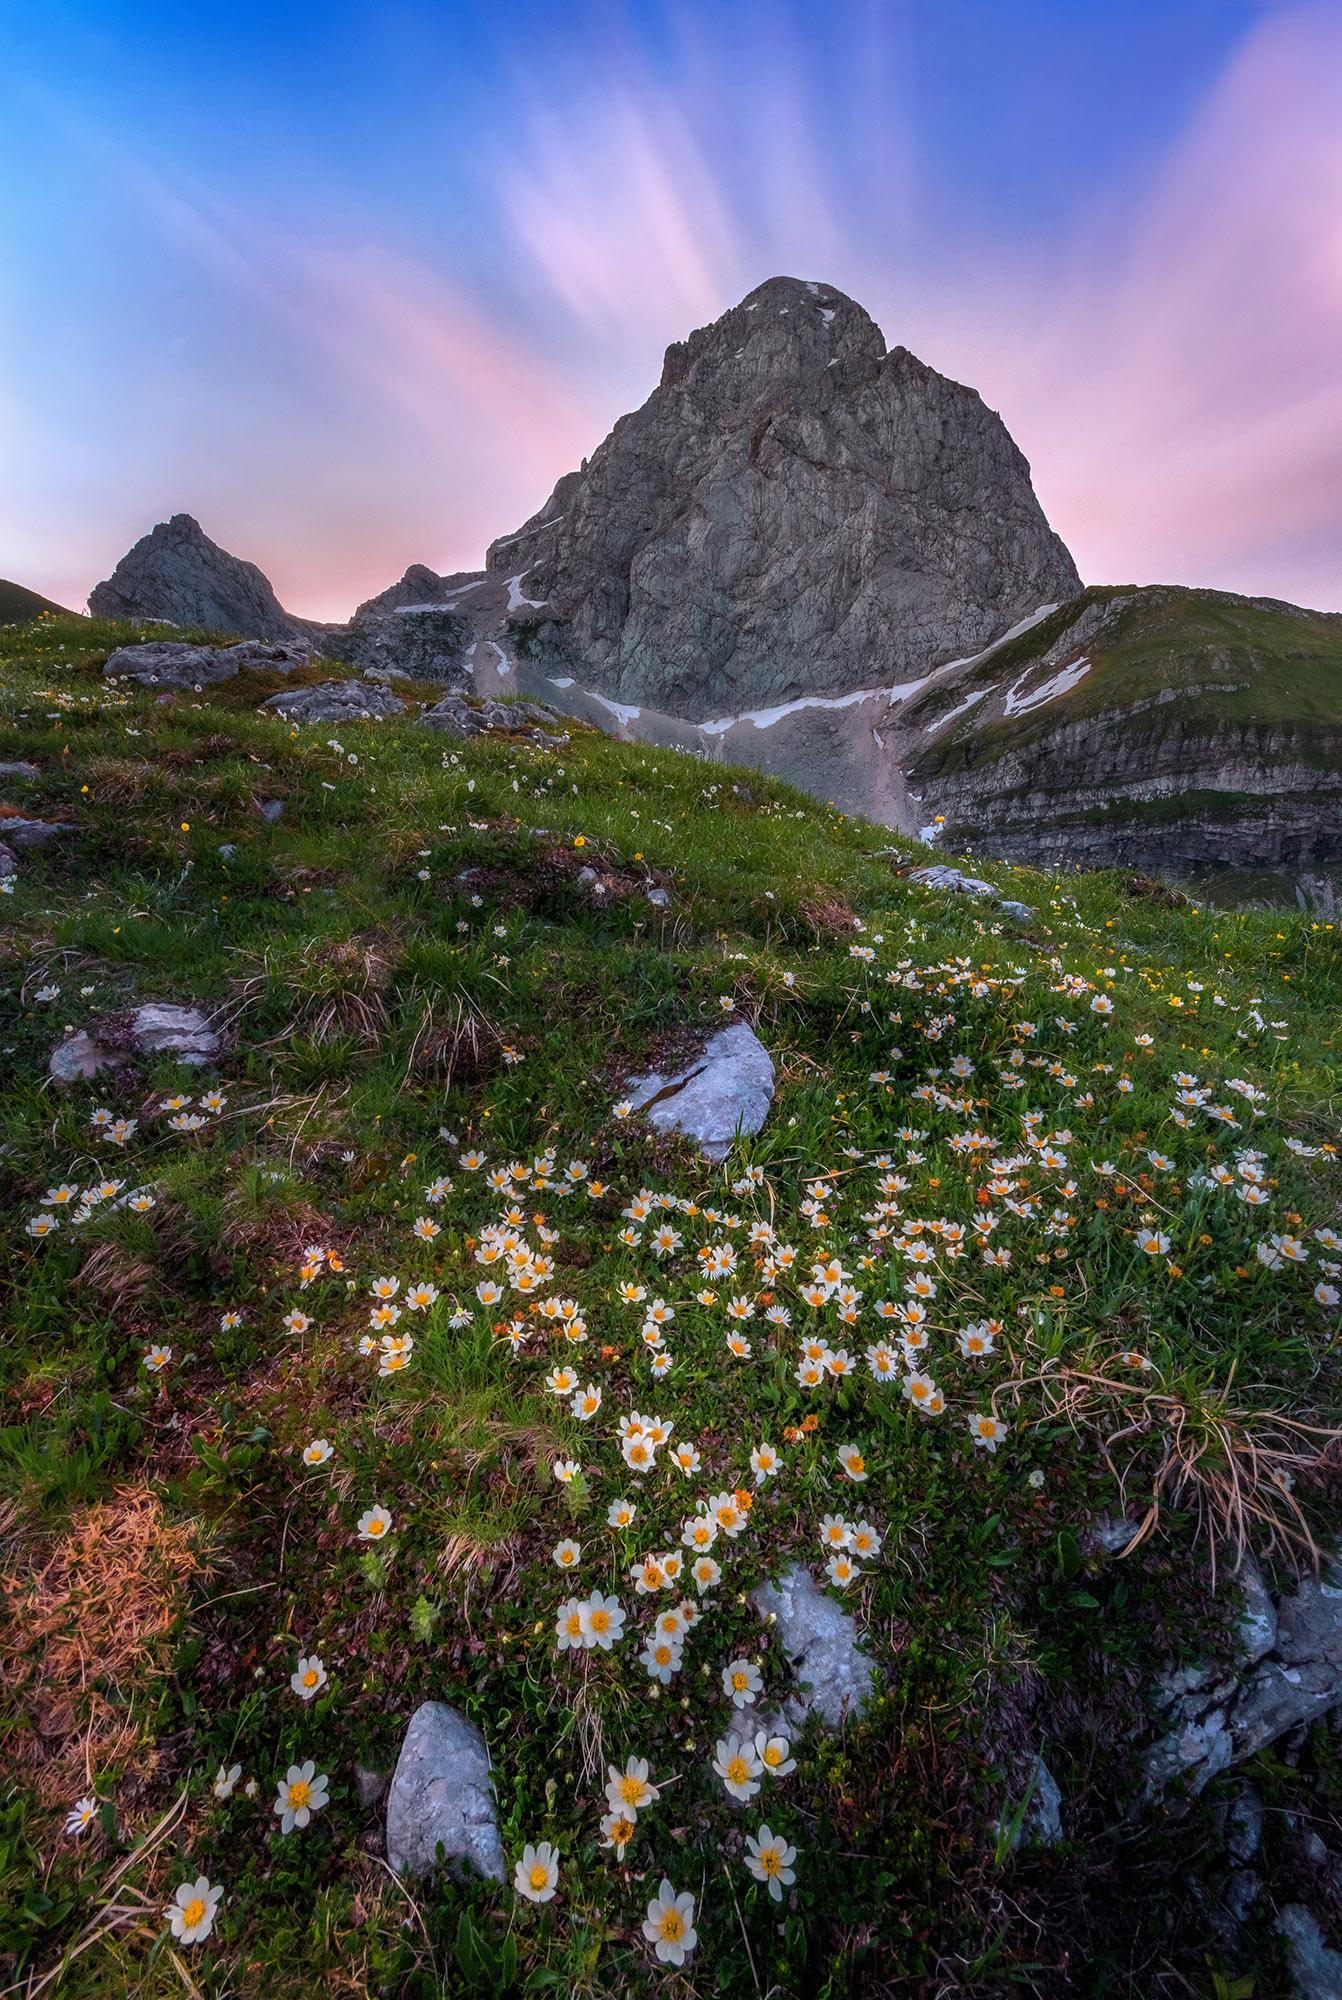 Dreamy Pixel Mountain Flowers Under Mt Mangart Dreamy